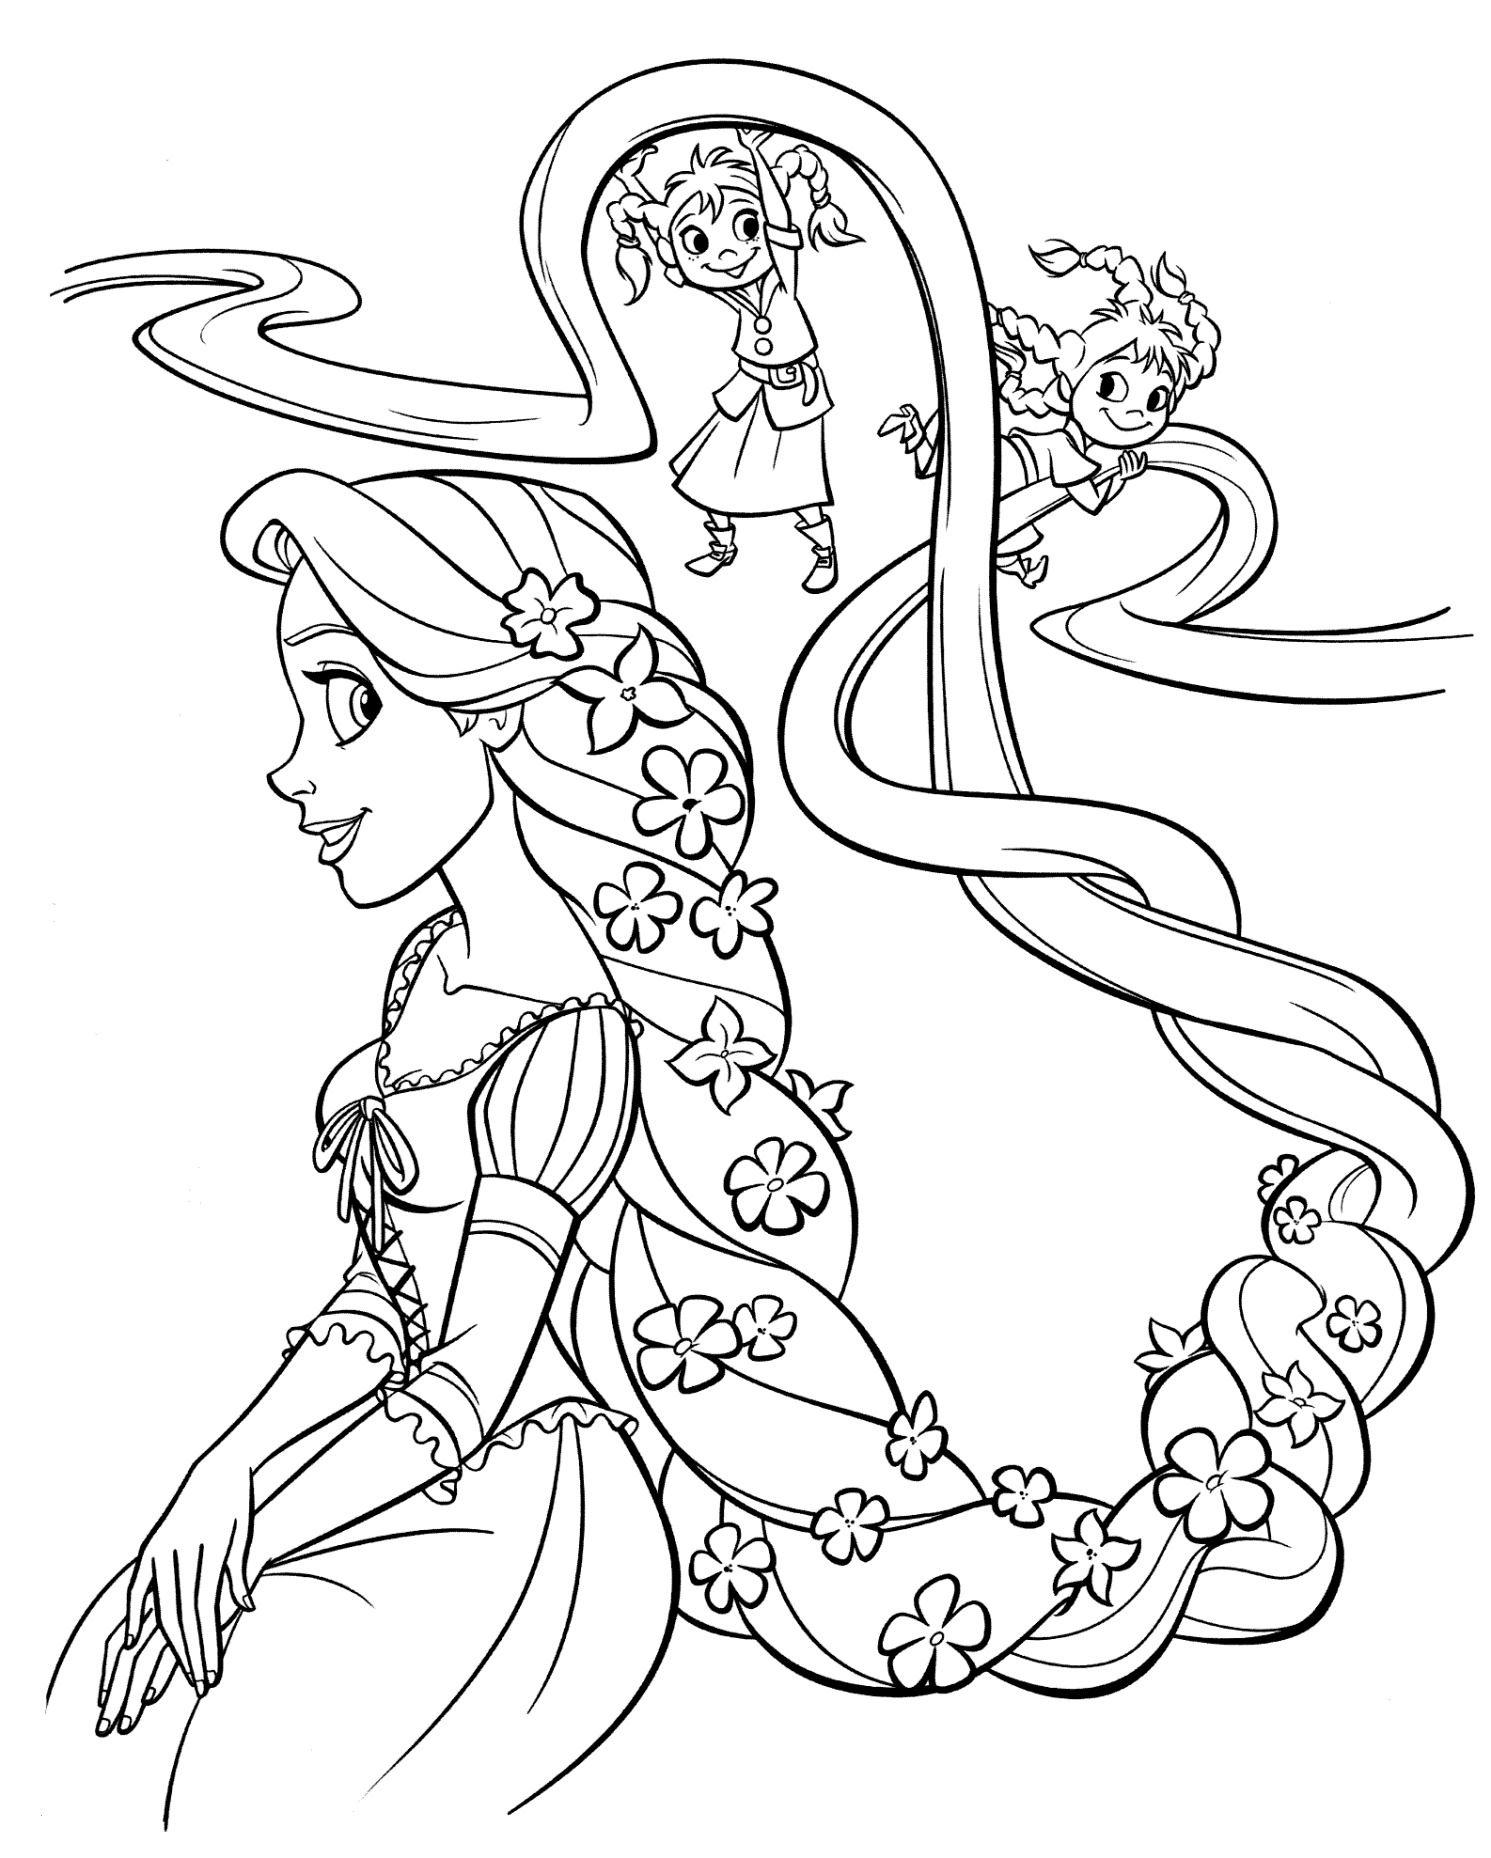 Ausmalbilder Rapunzel Malvorlagen 1ausmalbilder Com In 2020 Malvorlage Prinzessin Disney Prinzessin Malvorlagen Wenn Du Mal Buch